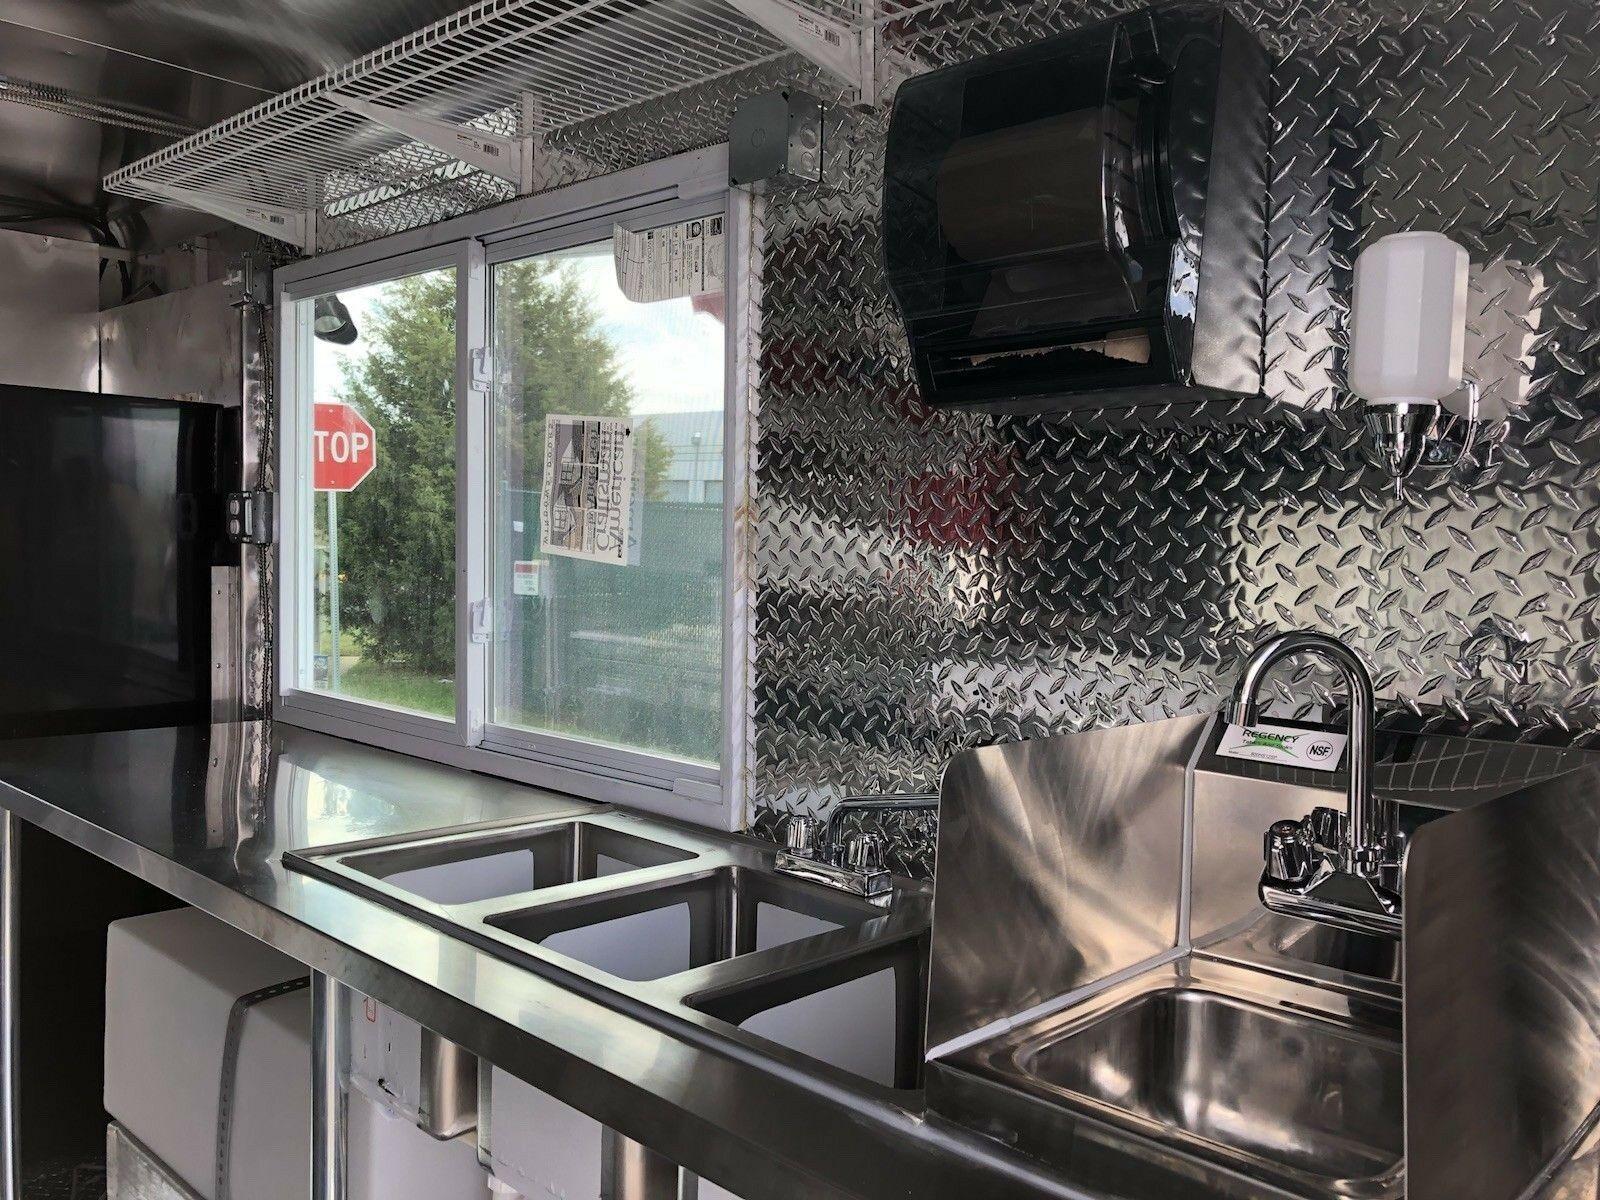 Used 1998 International Frozen Yogurt Truck For Sale -